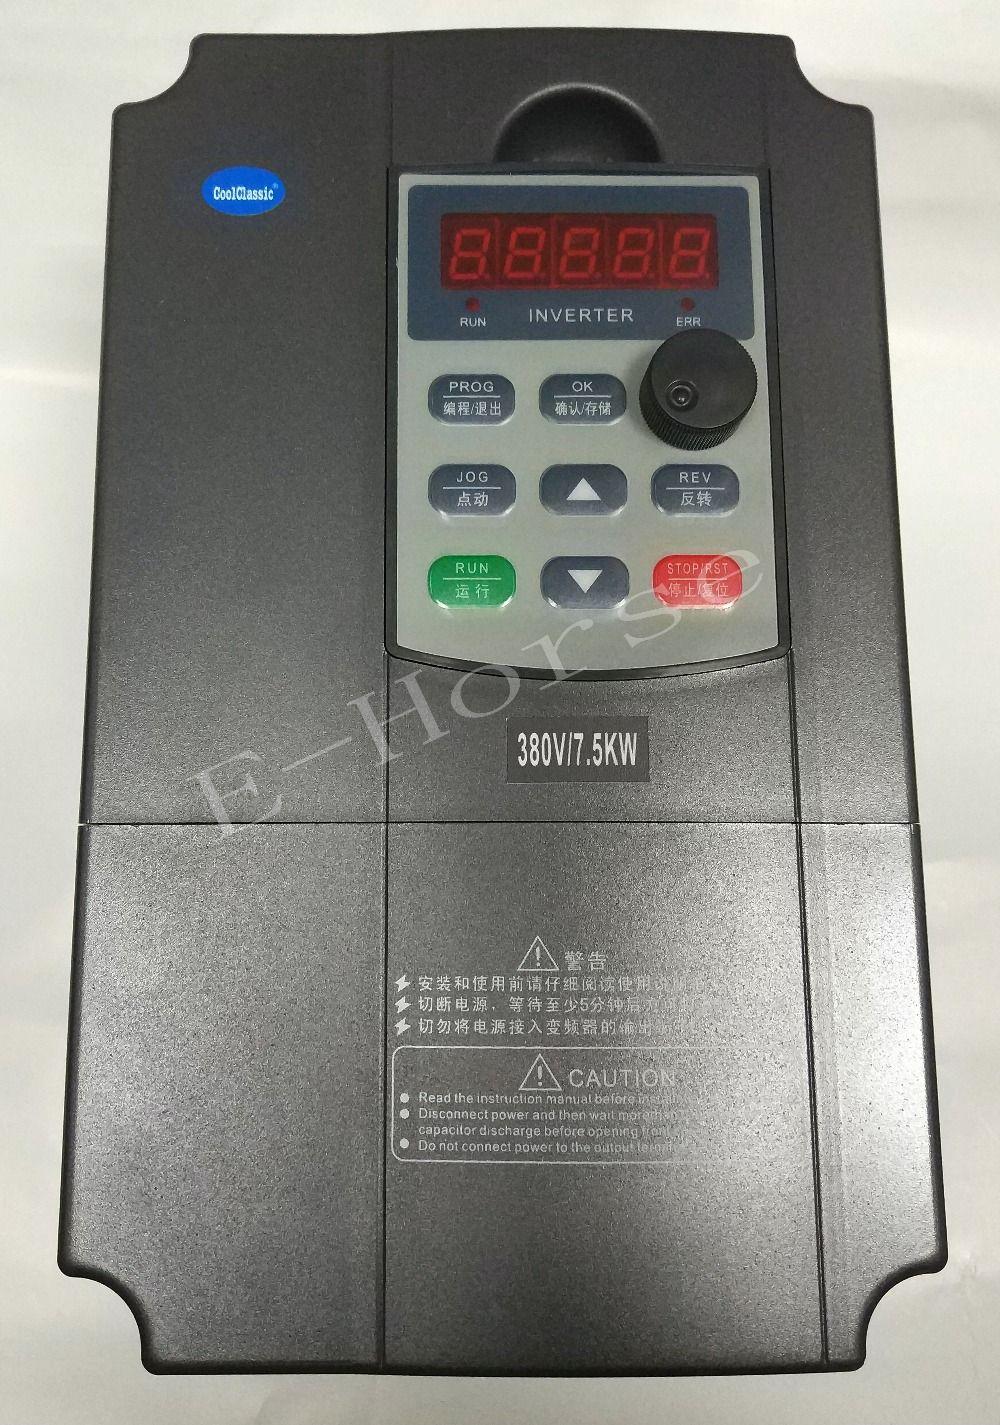 VFD CoolClassic Inverter Konverter 380 v 7.5KW inverter drei phase power garantie 18 monate